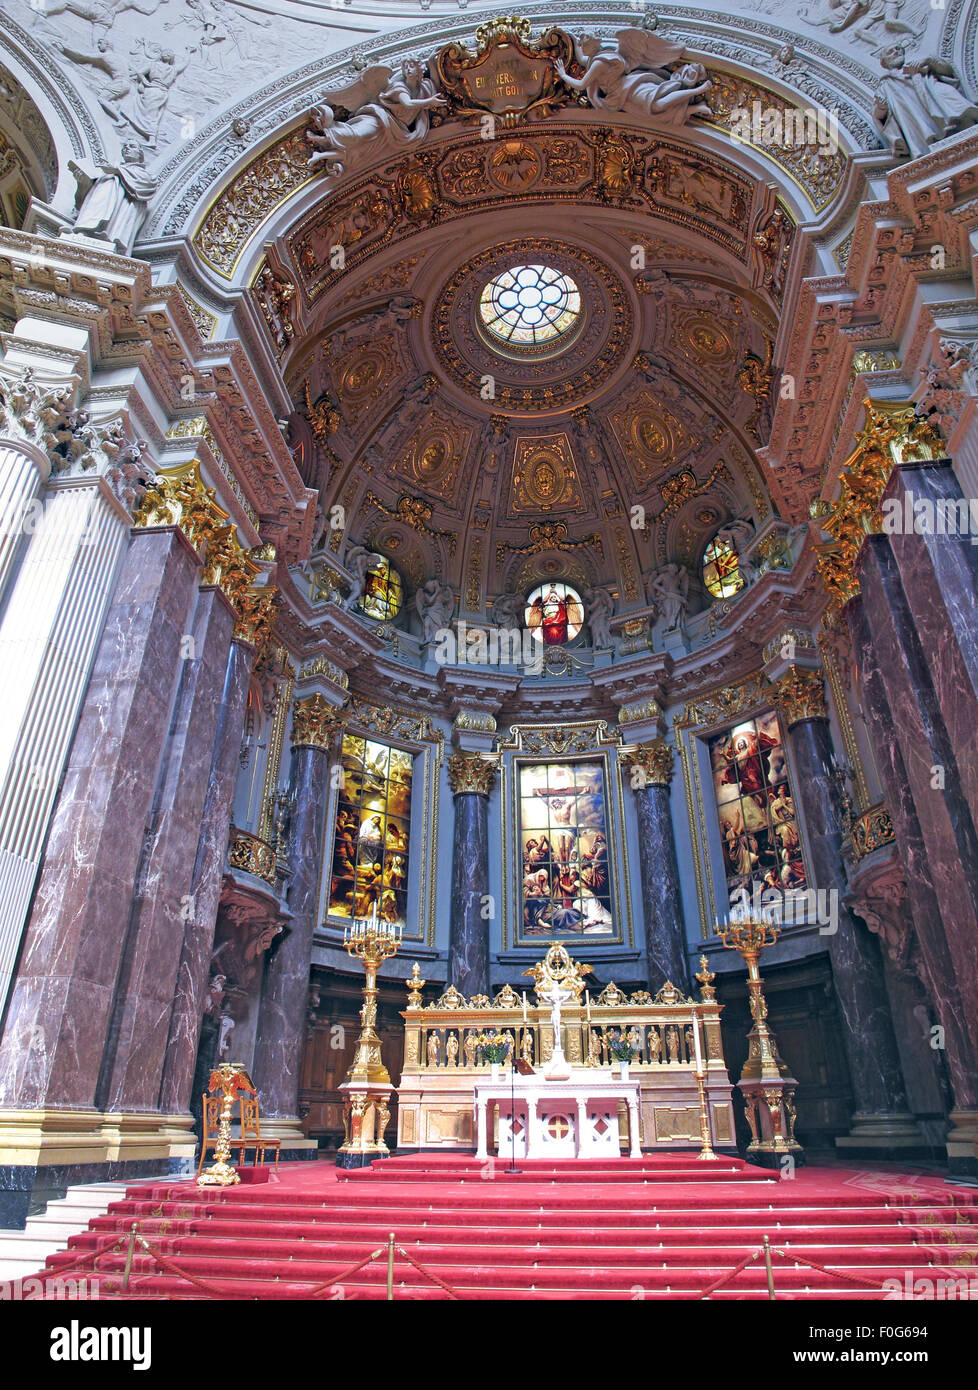 Laden Sie dieses Alamy Stockfoto Berliner Dom, Berliner Dom, Altar, breite erschossen - F0G694